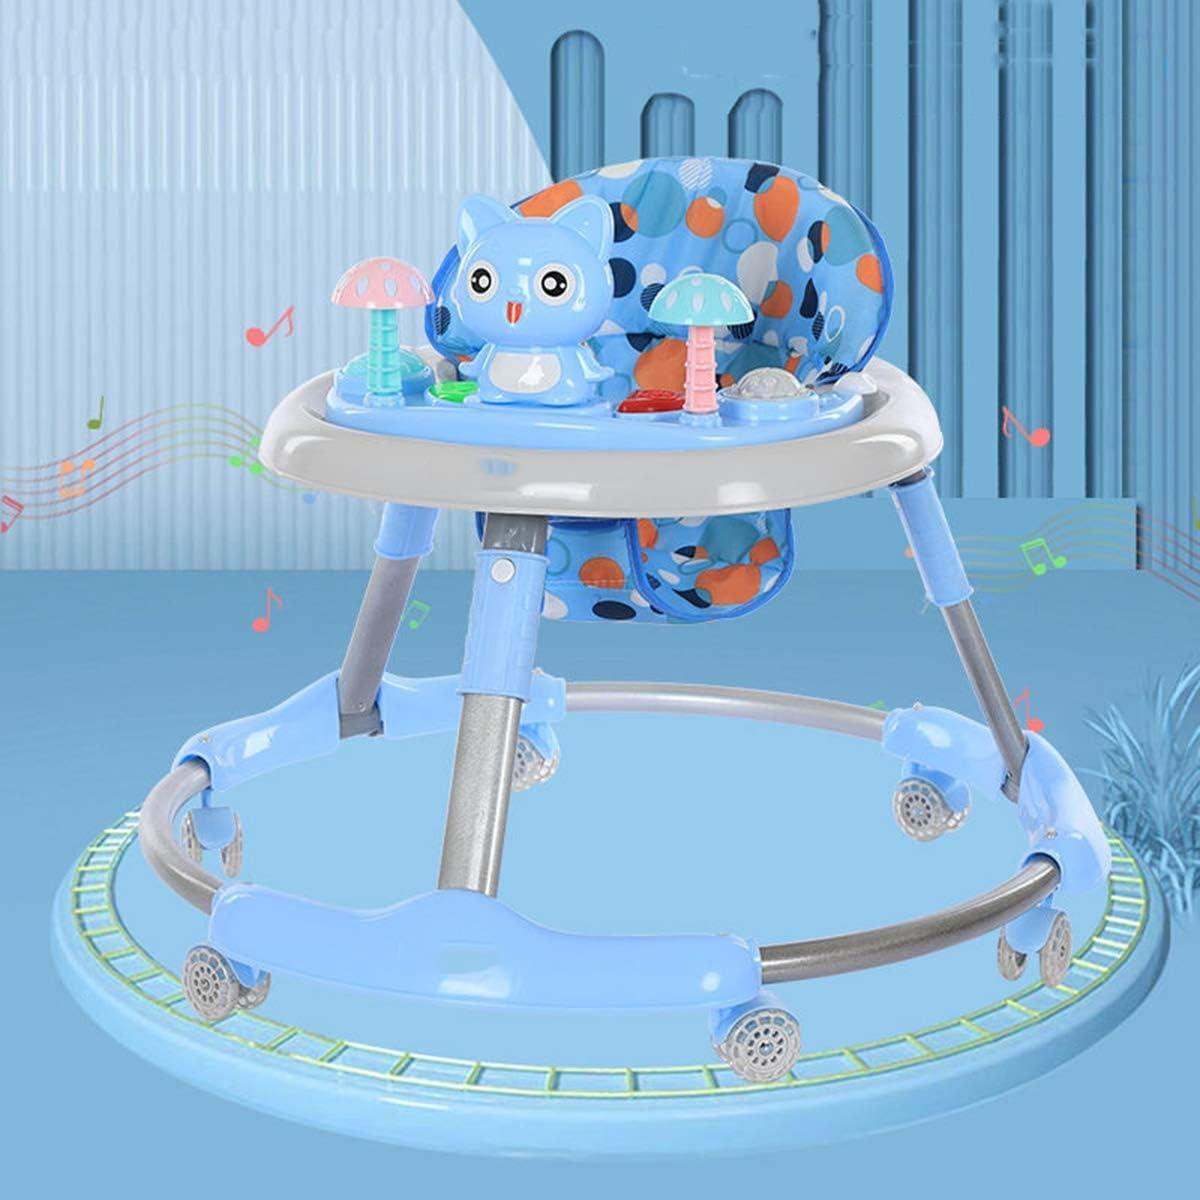 die Bewegungsfreiheit bieten CHAOLIU Baby Trend Walker und Aktivit/ätszentrum 3-Positionen H/öhenanpassung,1 Learning Walker es First Steps mit Multi-Directional Wheels